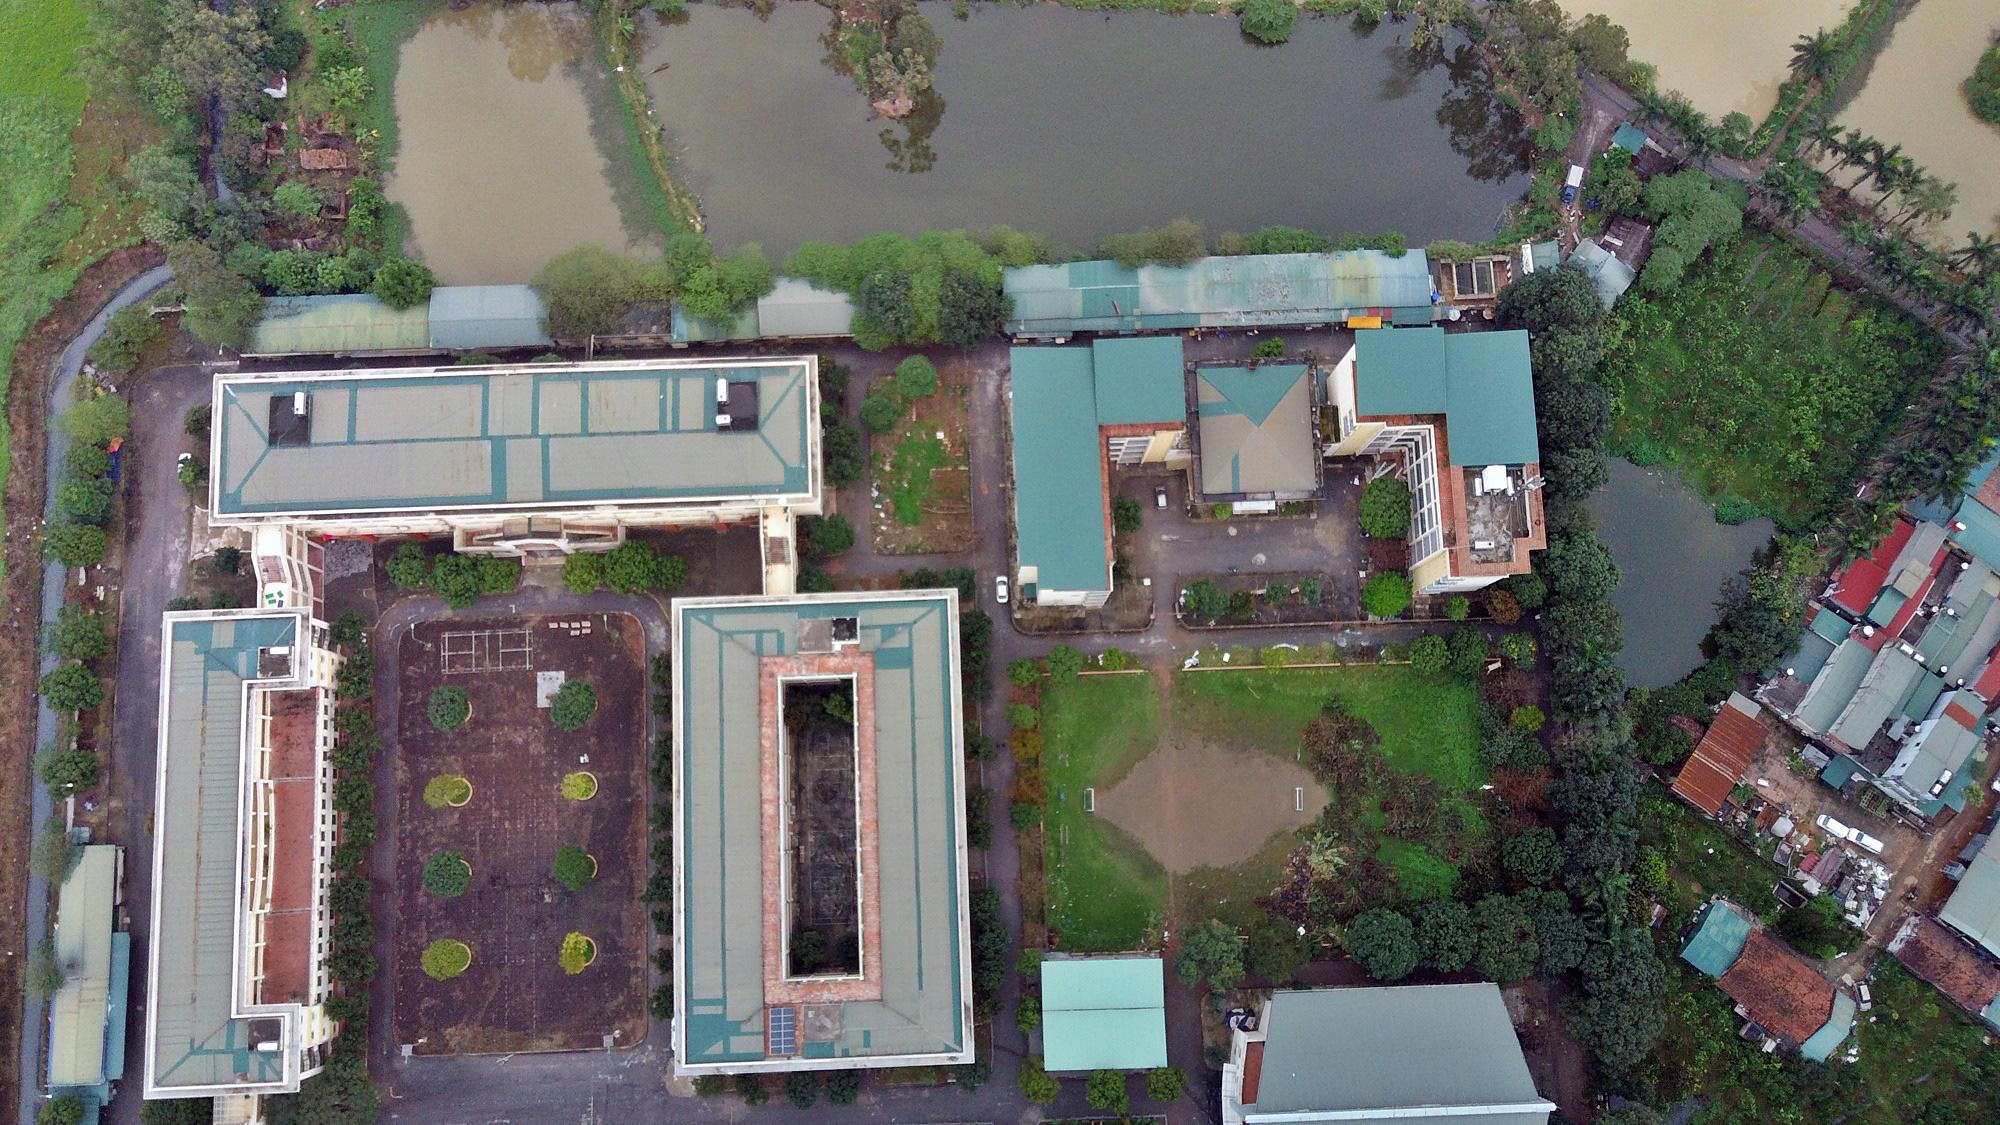 Cận cảnh khu cách li tập trung cho 800 người ở trường Cao đẳng nghề Công nghệ cao Hà Nội - Ảnh 3.